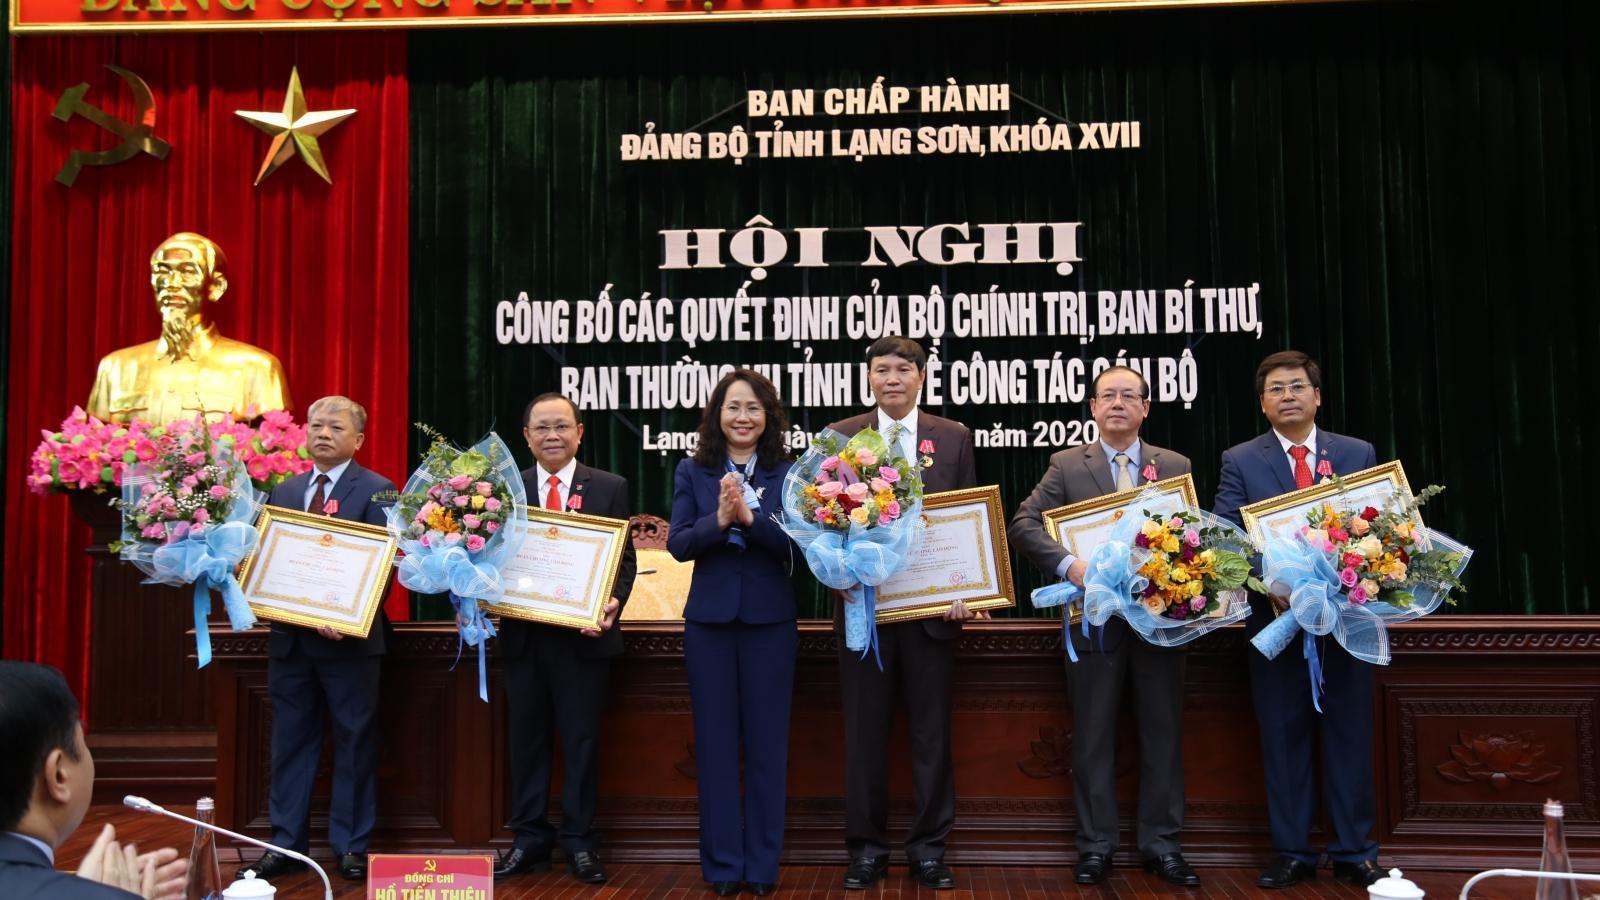 Công bố luân chuyển, bổ nhiệm cán bộ tại tỉnh Lạng Sơn